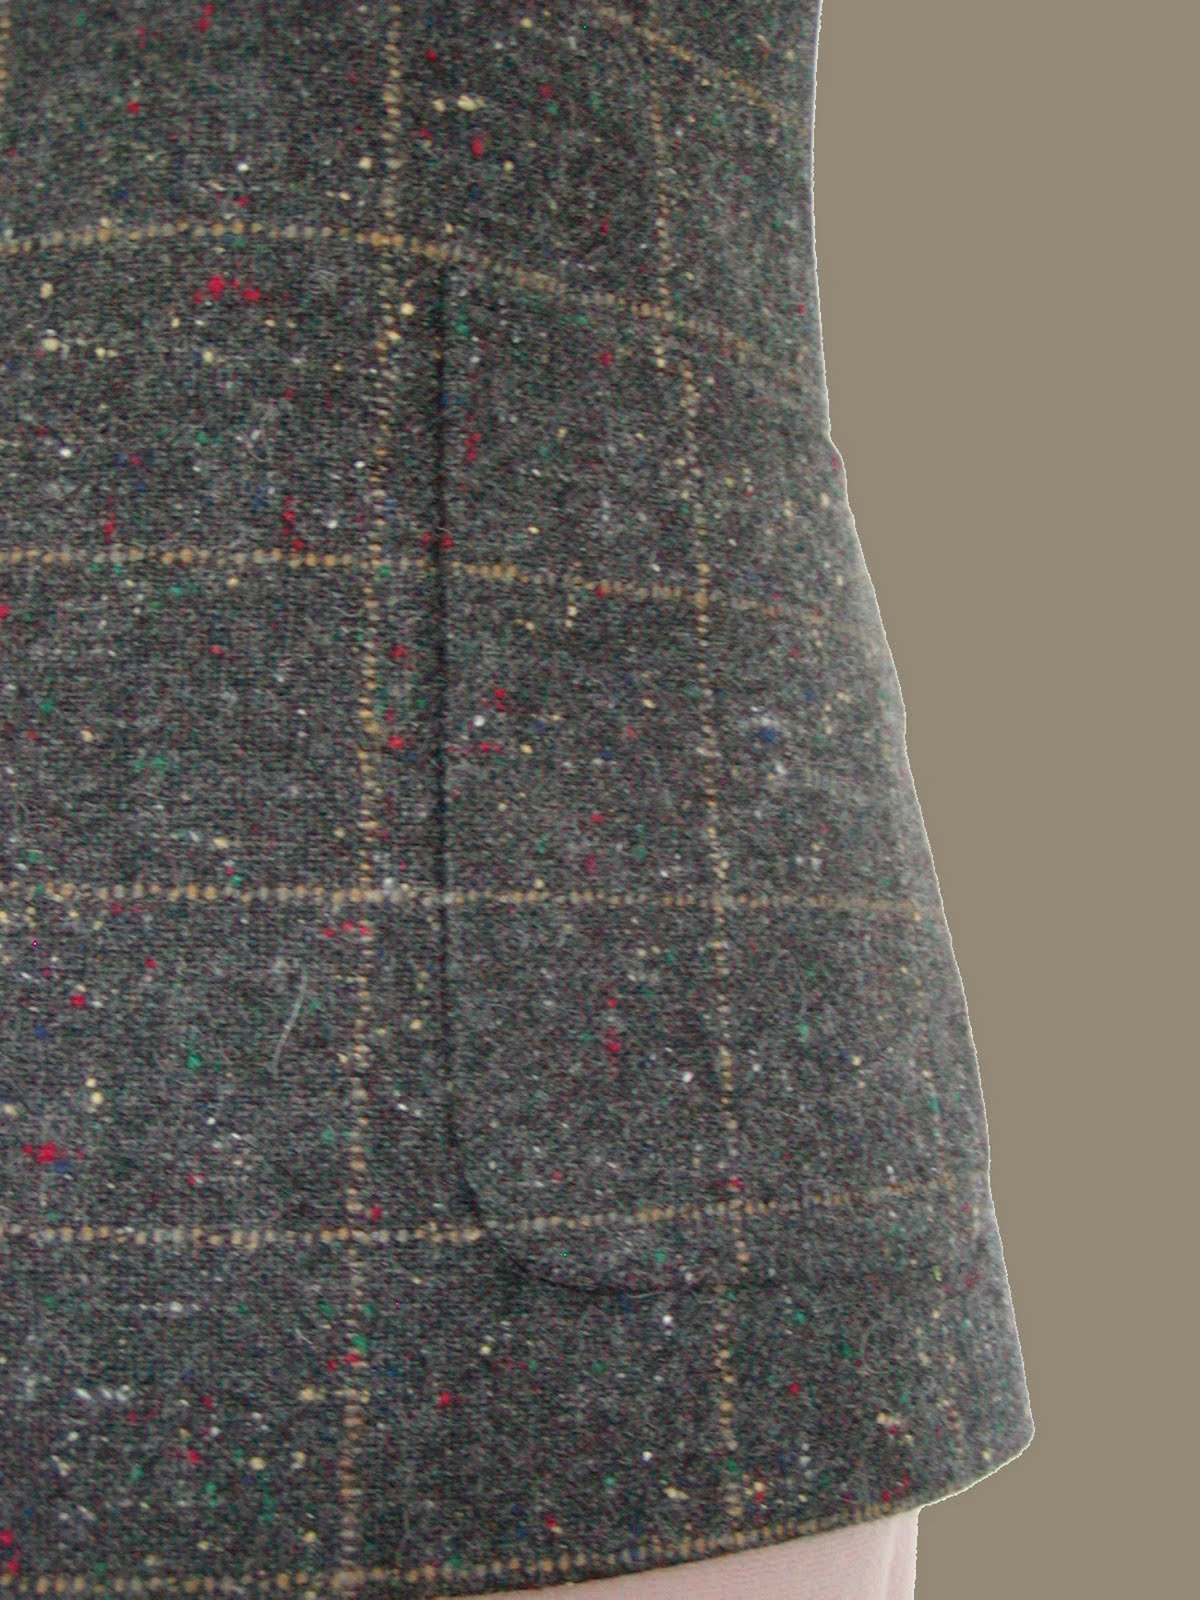 Pro Sew: Bluff-stitching a Patch Pocket.